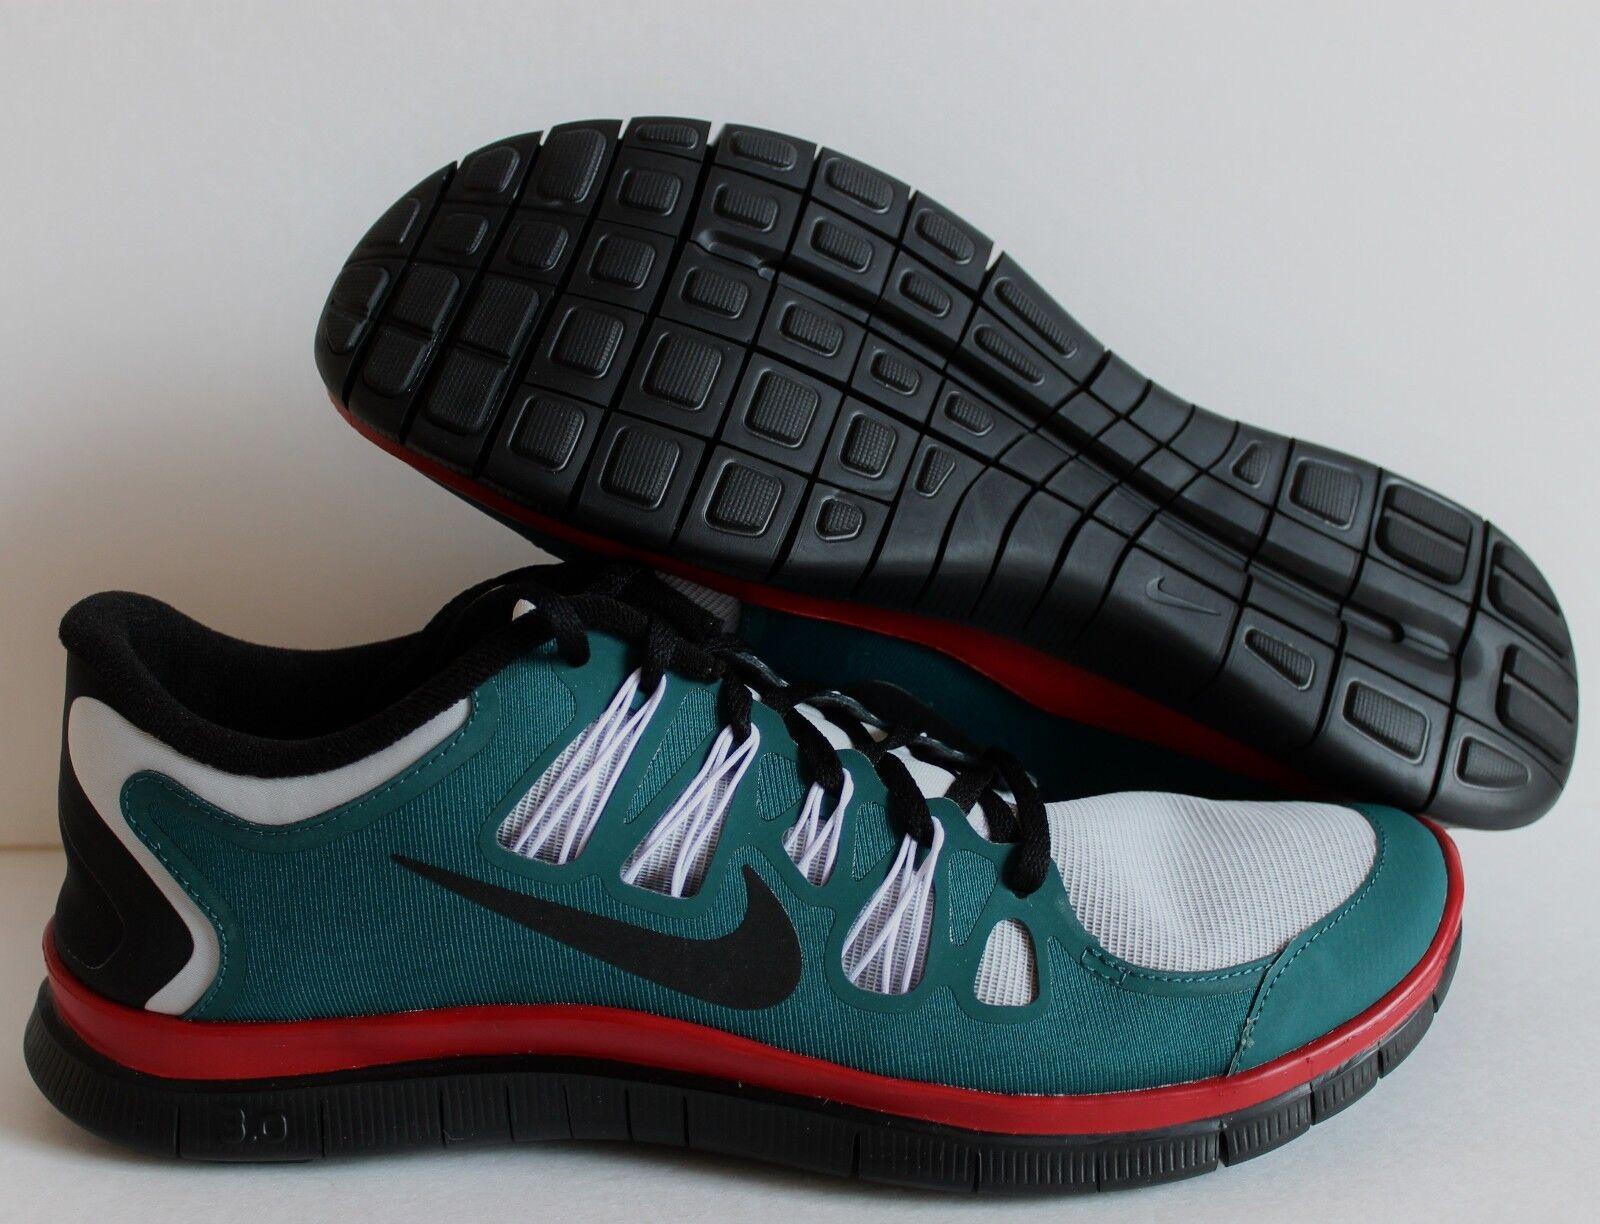 Nike Hombre green-red-black Libre 3.0 green-red-black Hombre [ 641458-991 ] eadec6